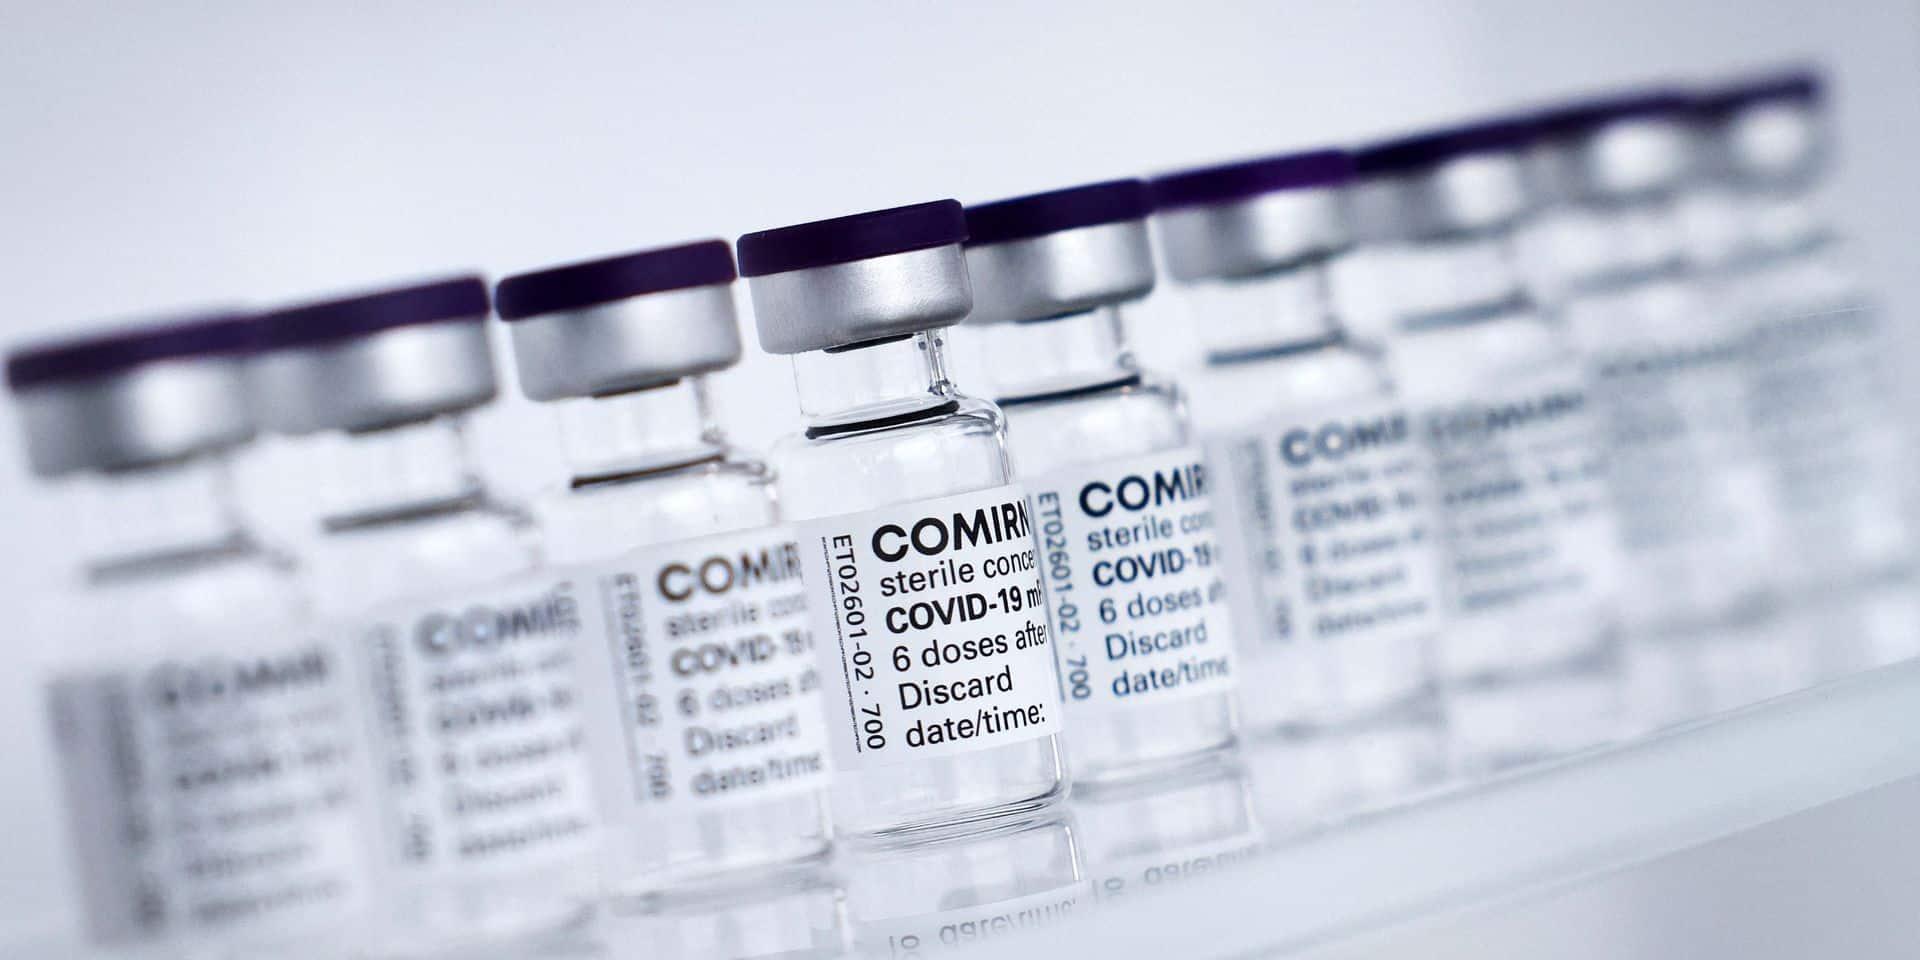 Pfizer et BioNTech demandent officiellement l'autorisation de leur vaccin pour les 12-15 ans dans l'UE